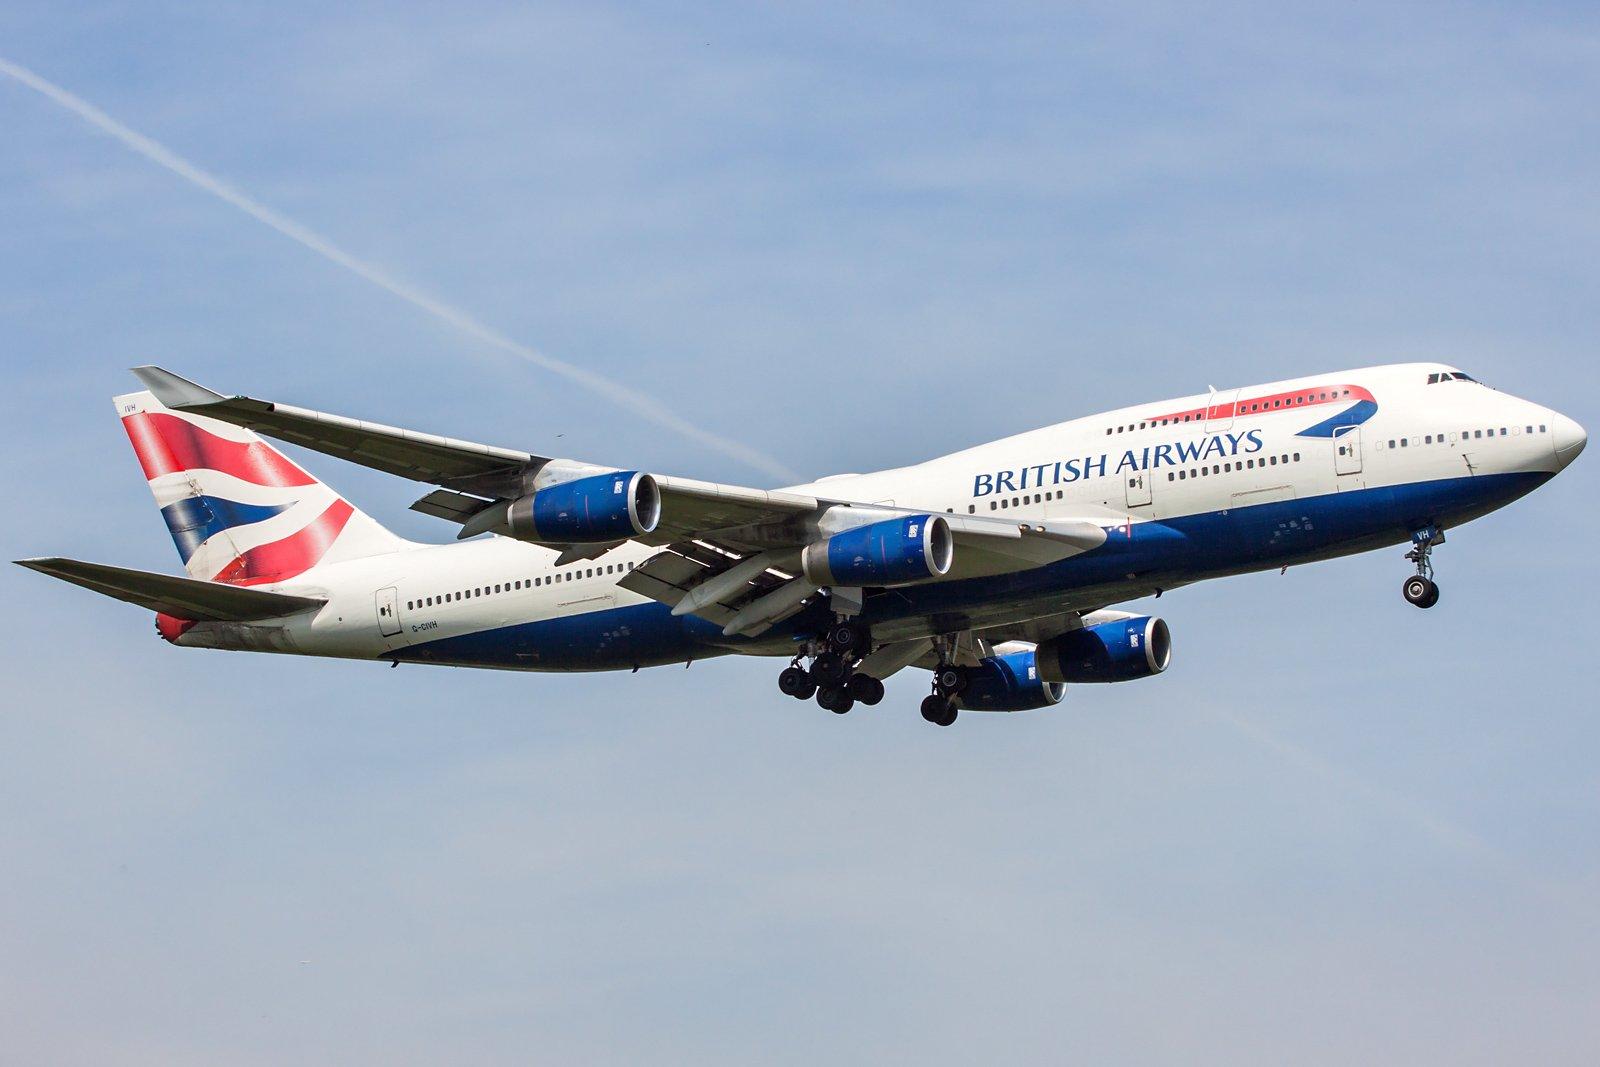 British Airways Boeing 747-436 G-CIVH